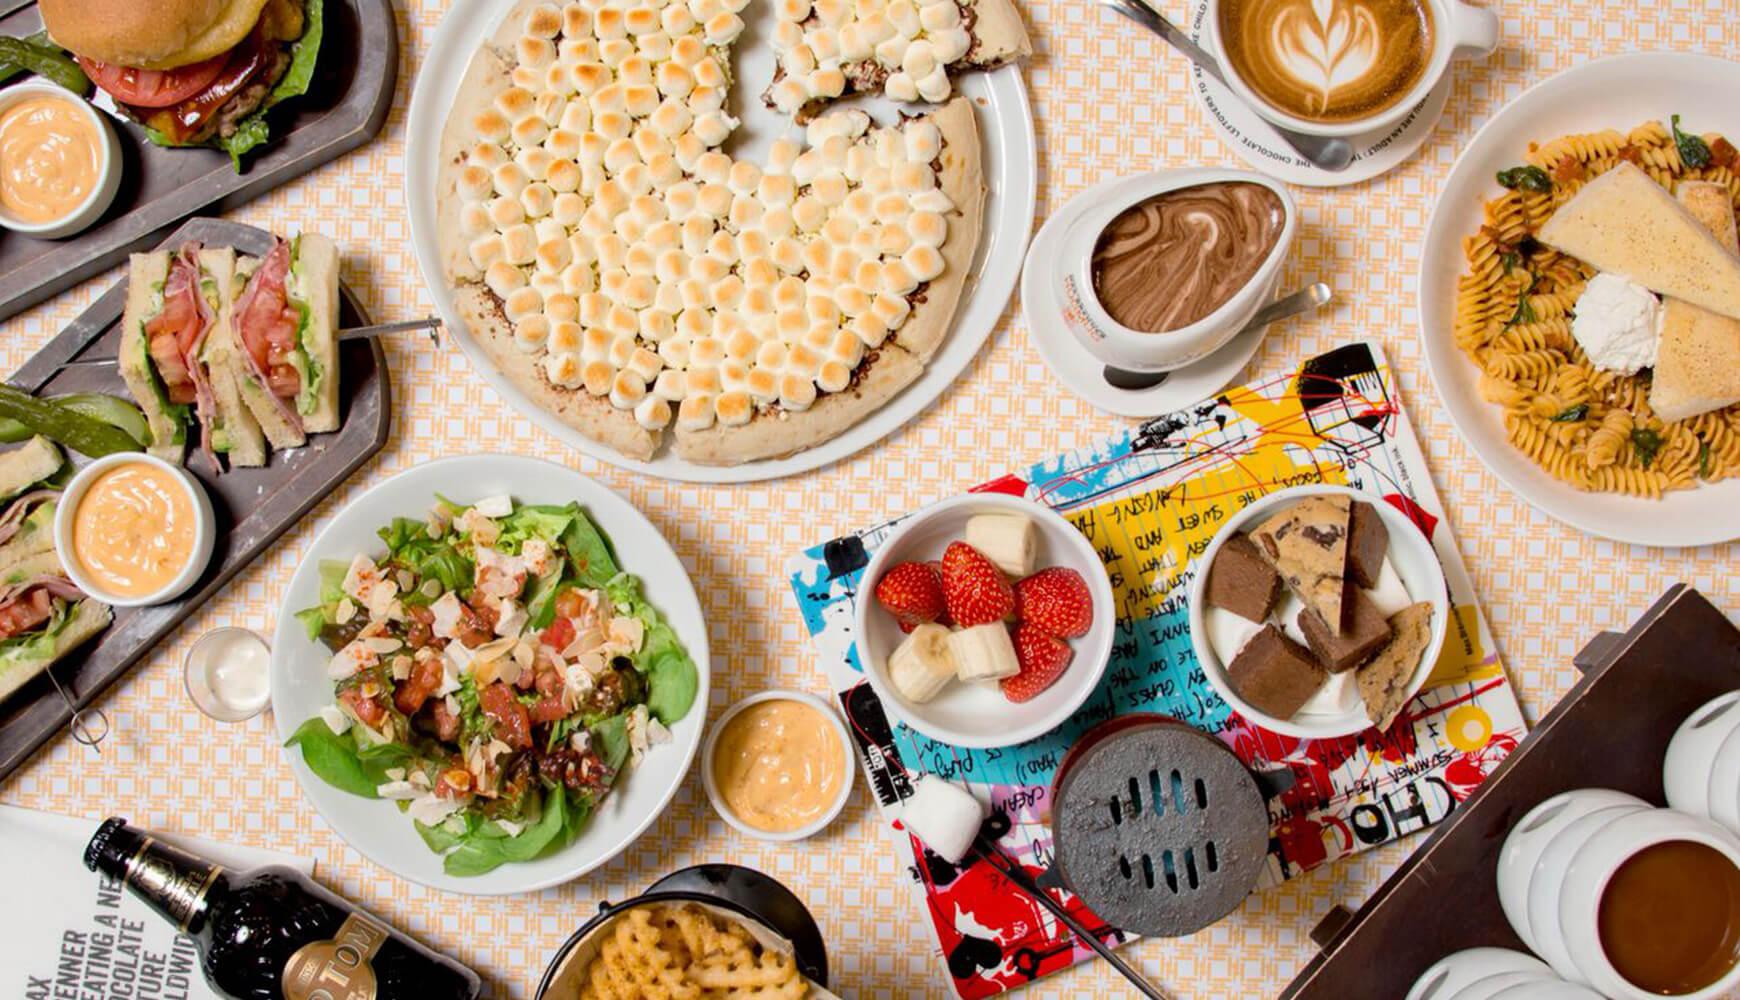 チョコレート専門店「マックス ブレナー」が4月に舞浜・イクスピアリにオープン! 限定メニューも登場